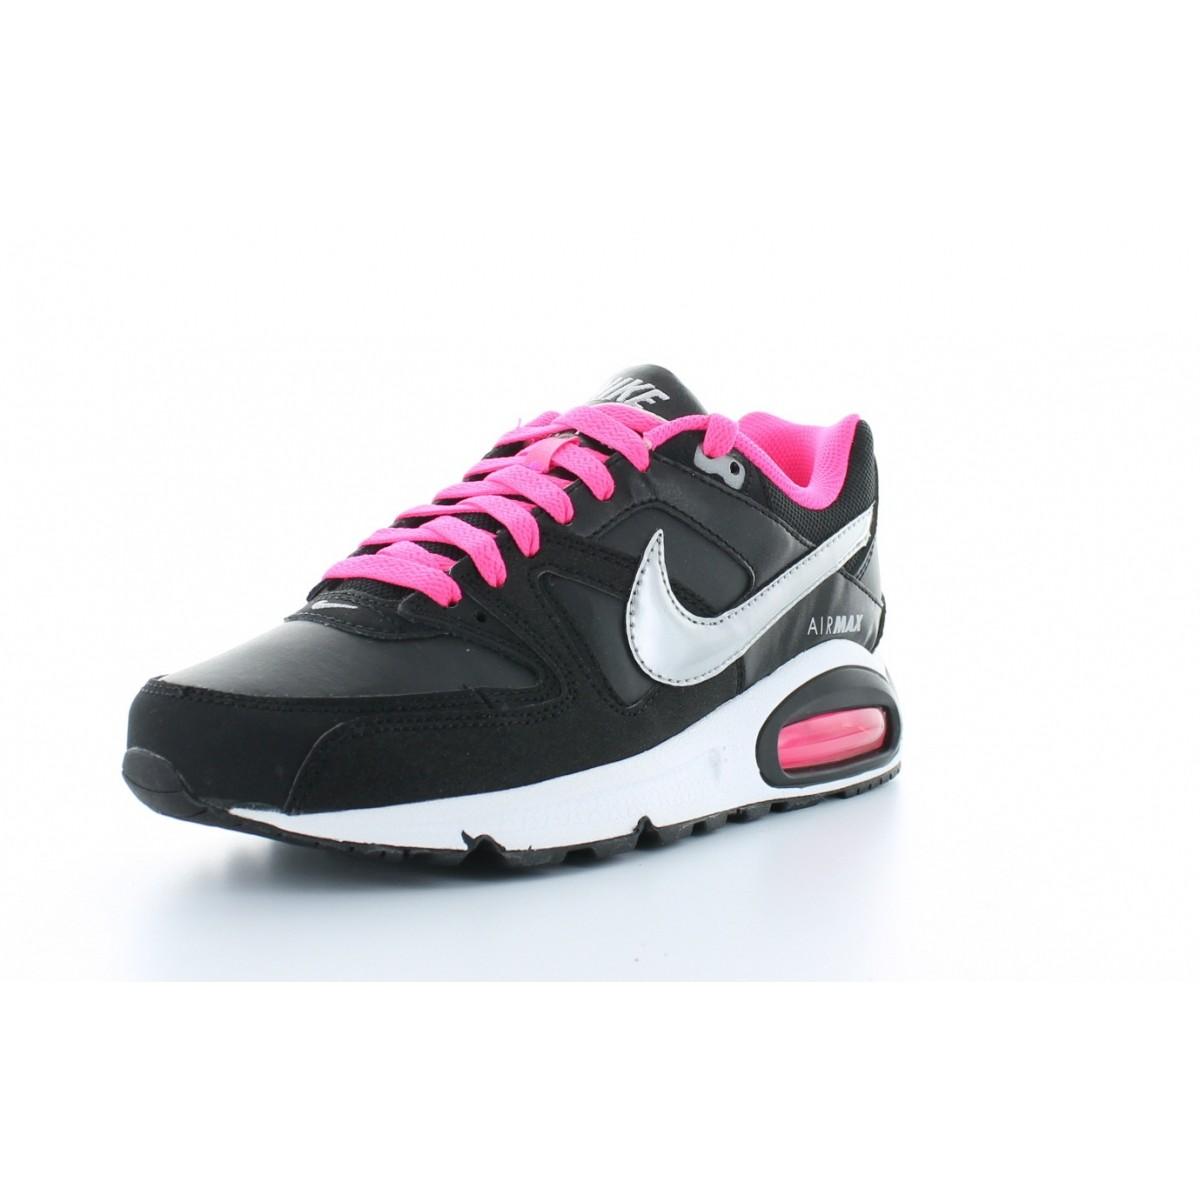 Achat Vente produits Nike Air Max Command Femme,Nike Air